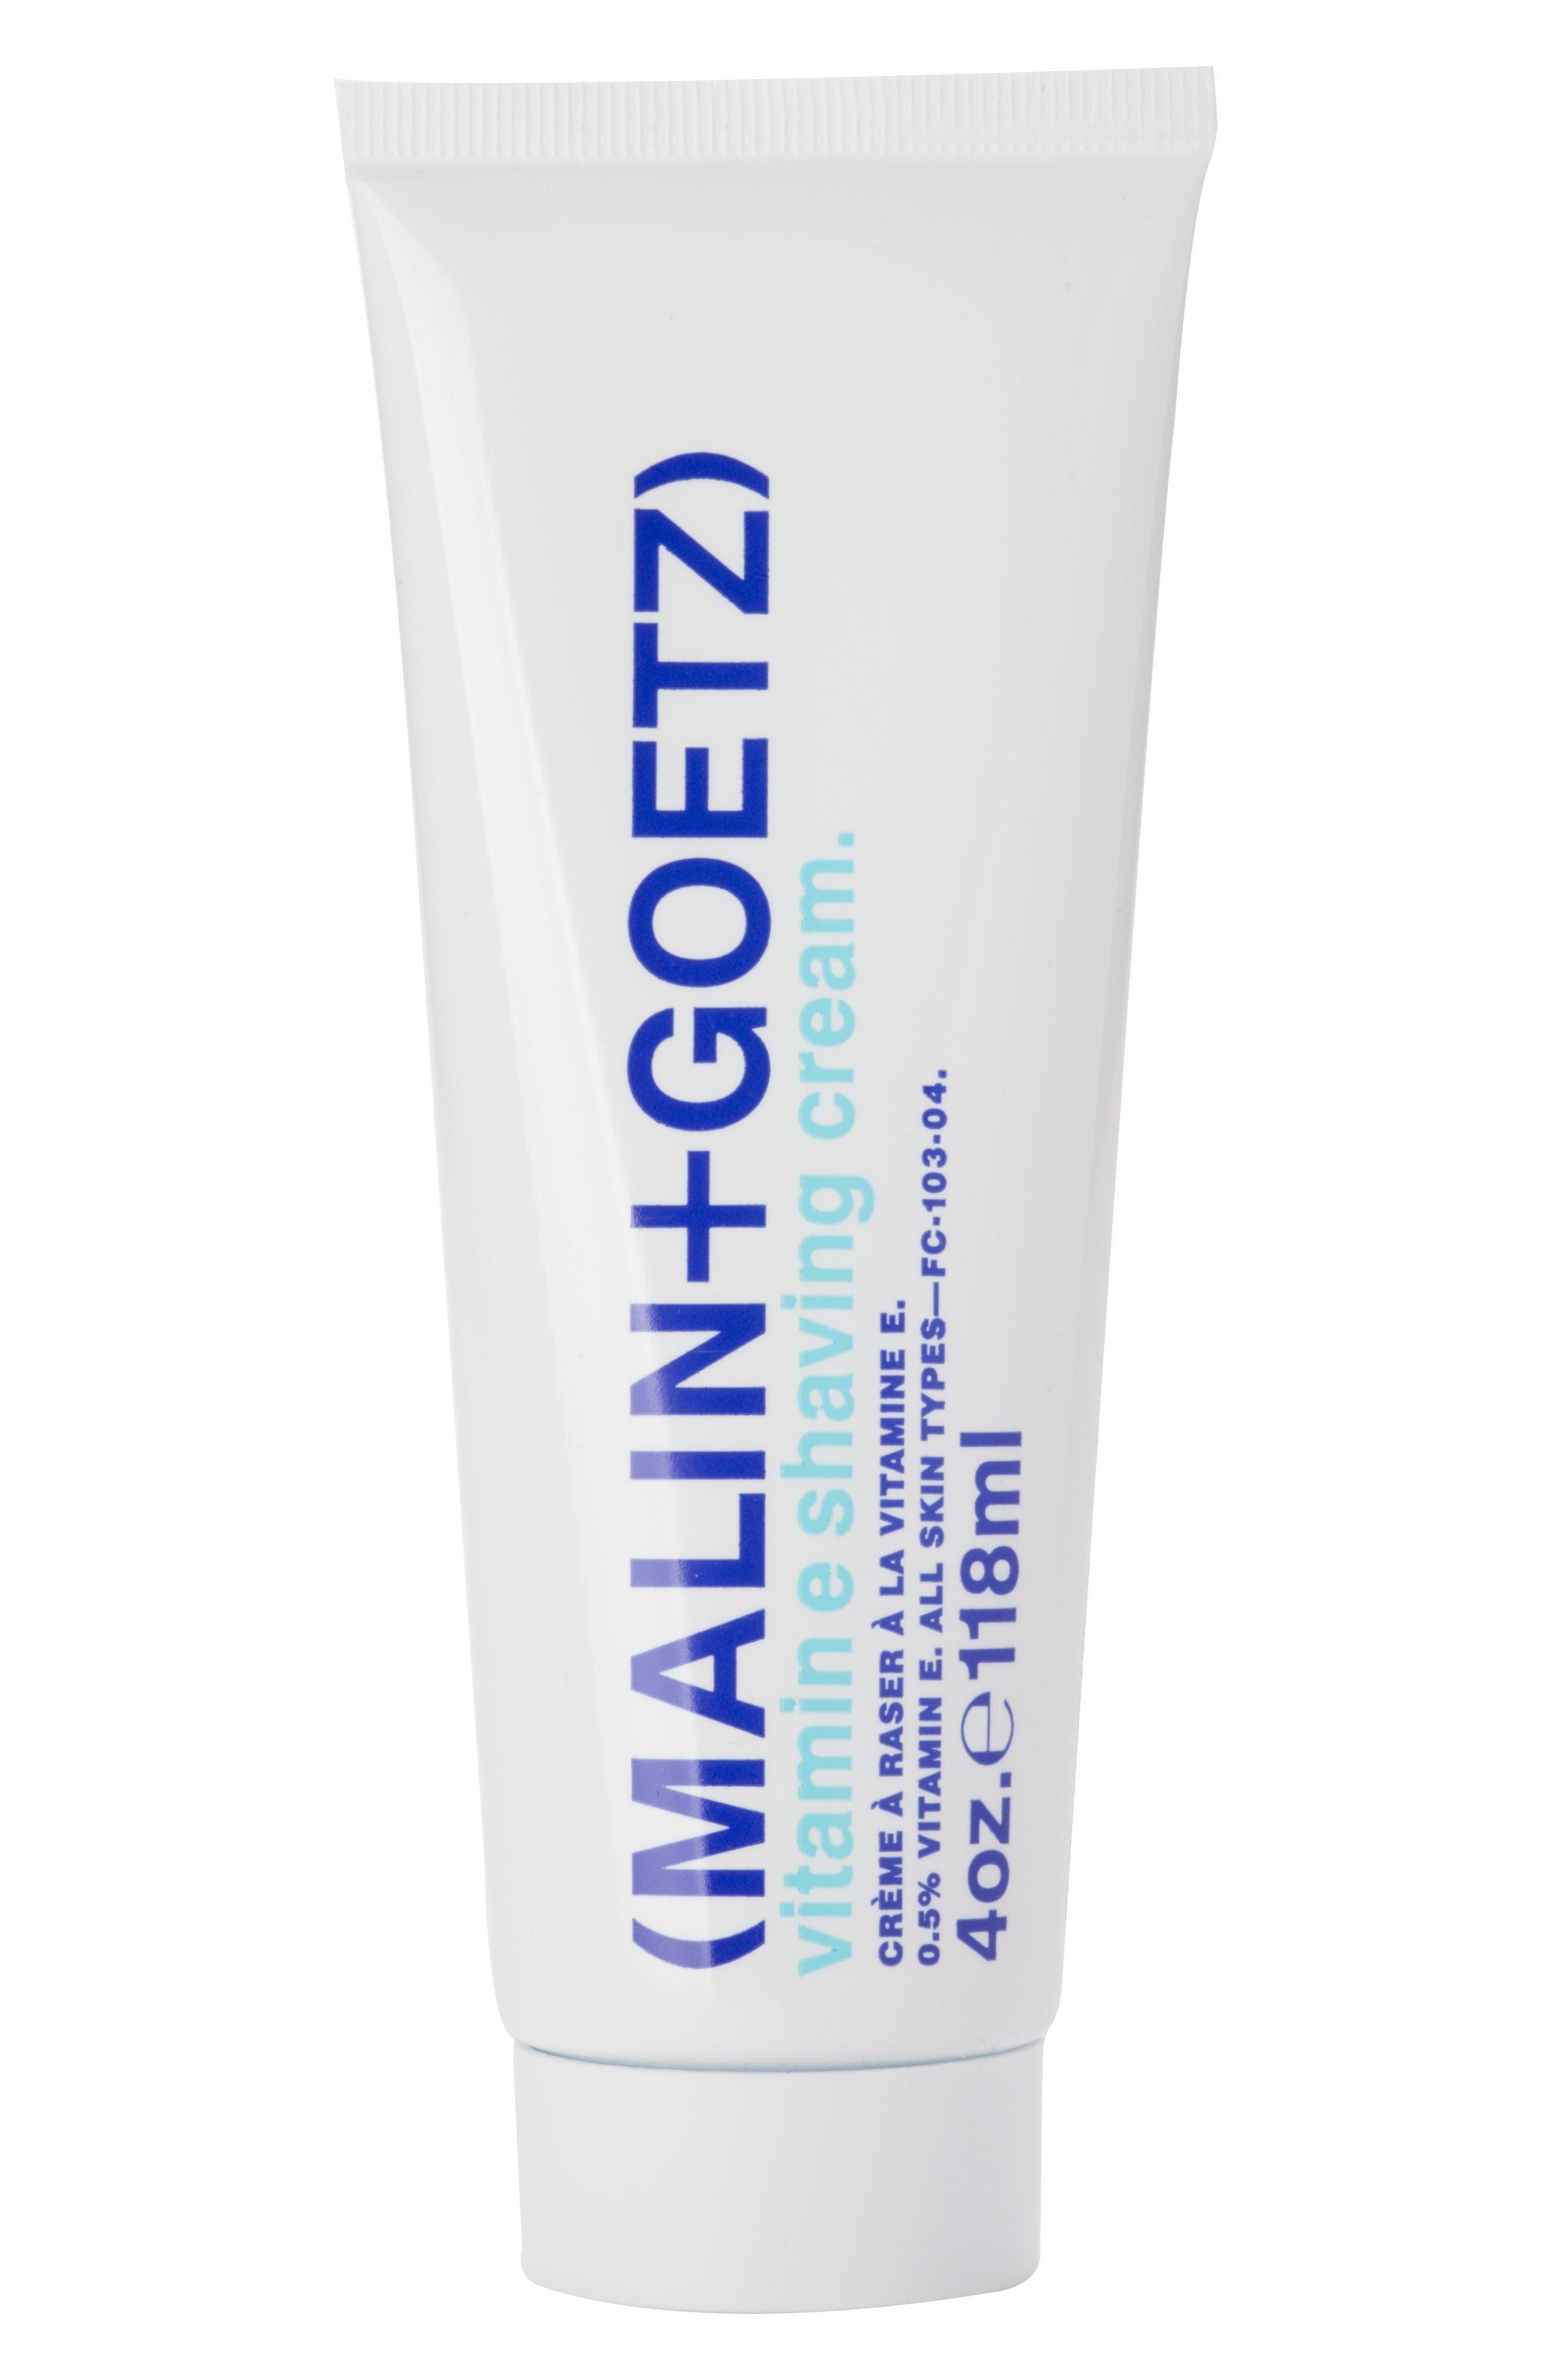 Alternate Image 1 Selected - MALIN+GOETZ Vitamin E Shaving Cream